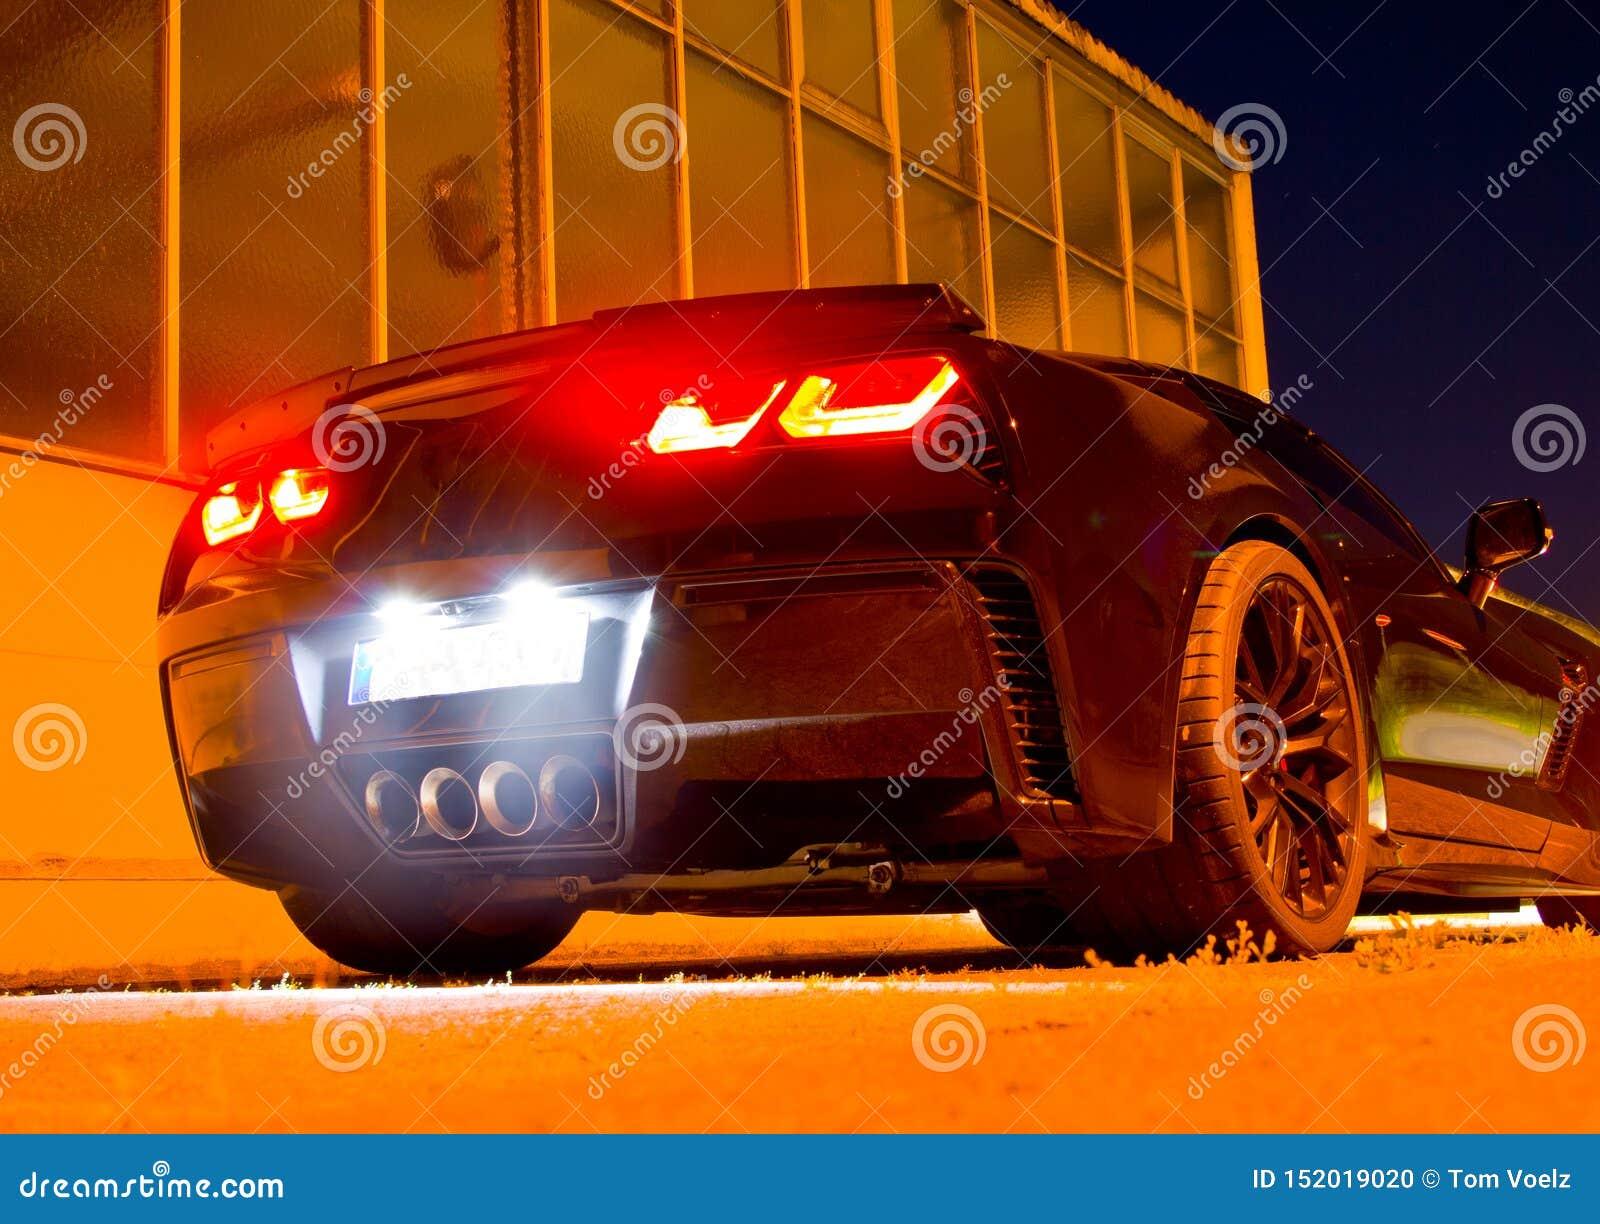 US-Sportauto nachts mit glühenden Rücklichtern